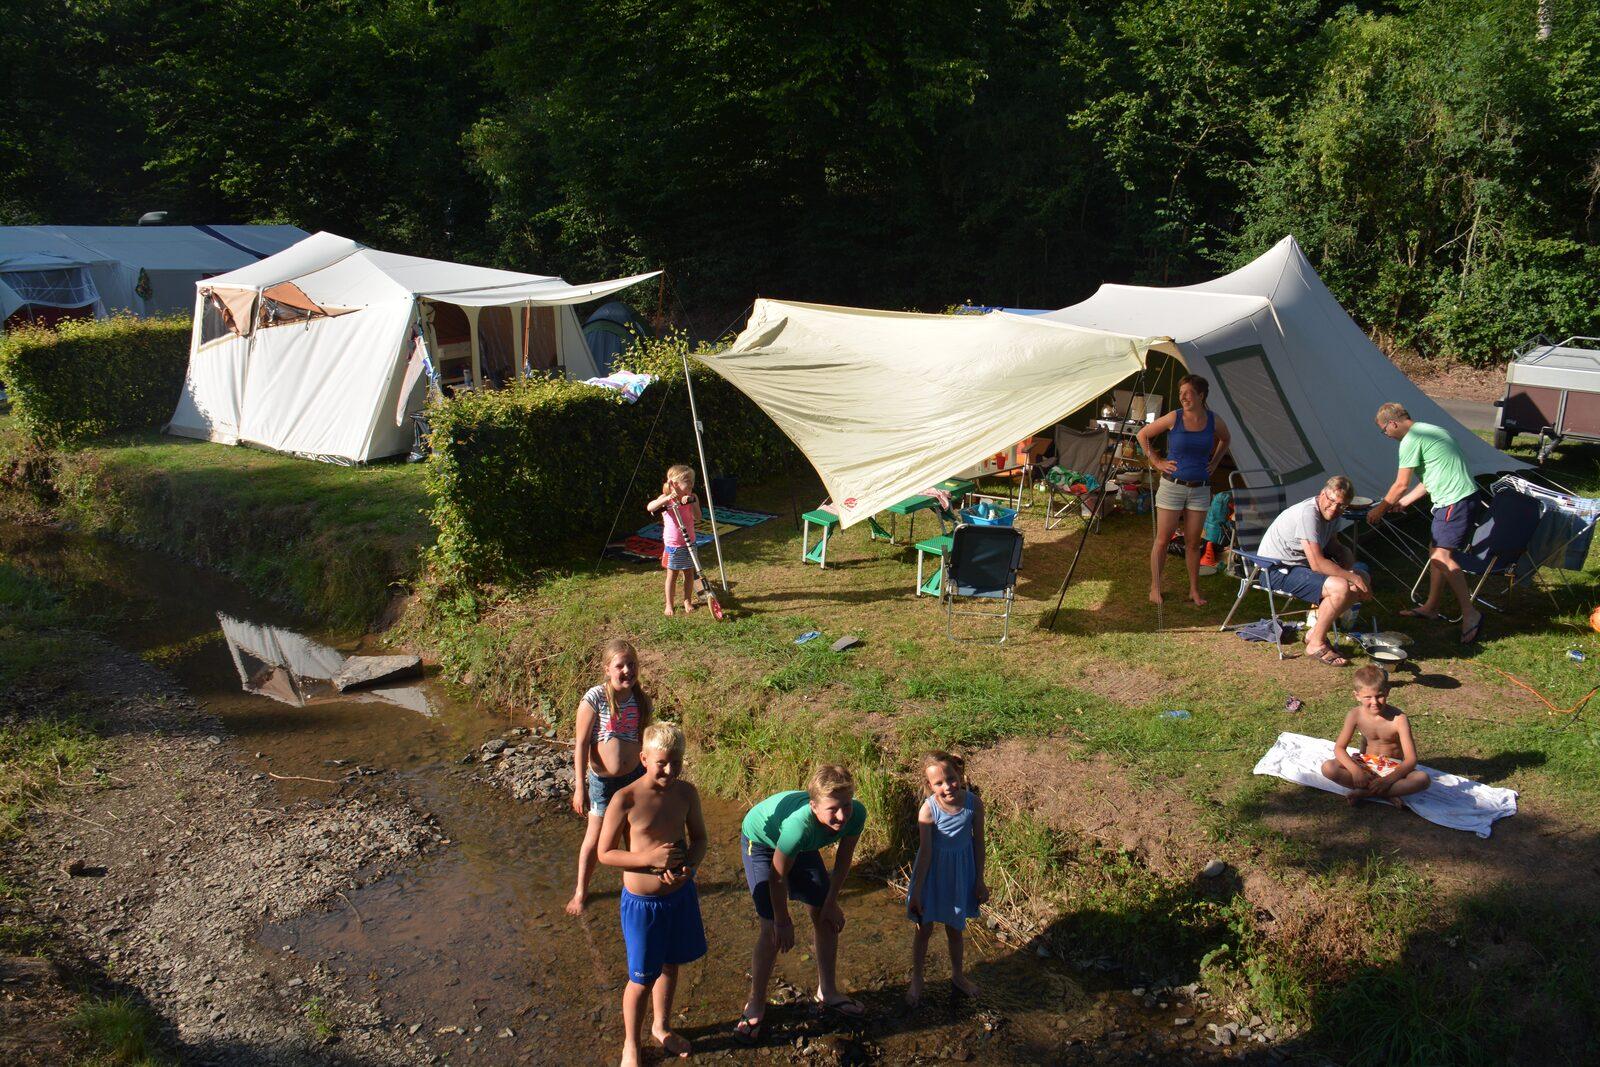 tent tenten kampeerplek gezin familie vakantie